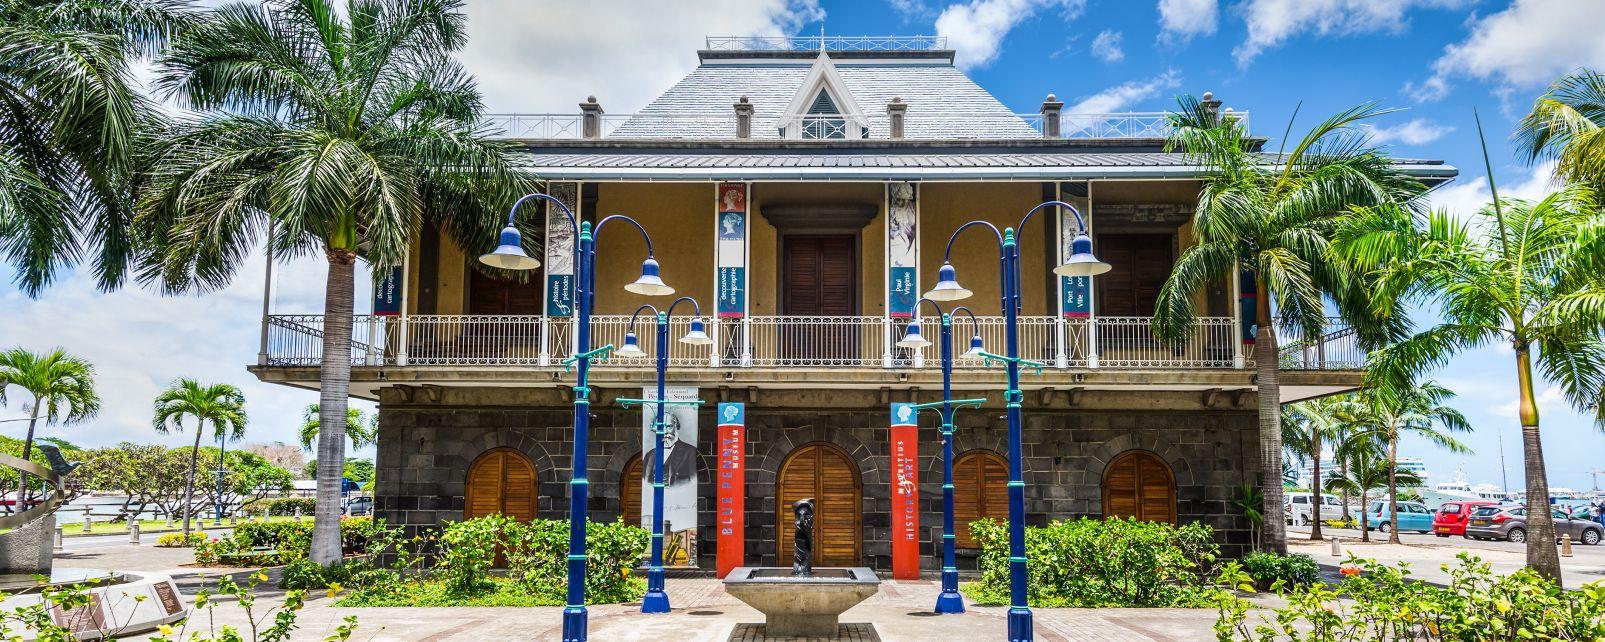 Les musées, Blue Penny, musée, museum, afrique, océan indien, maurice, île